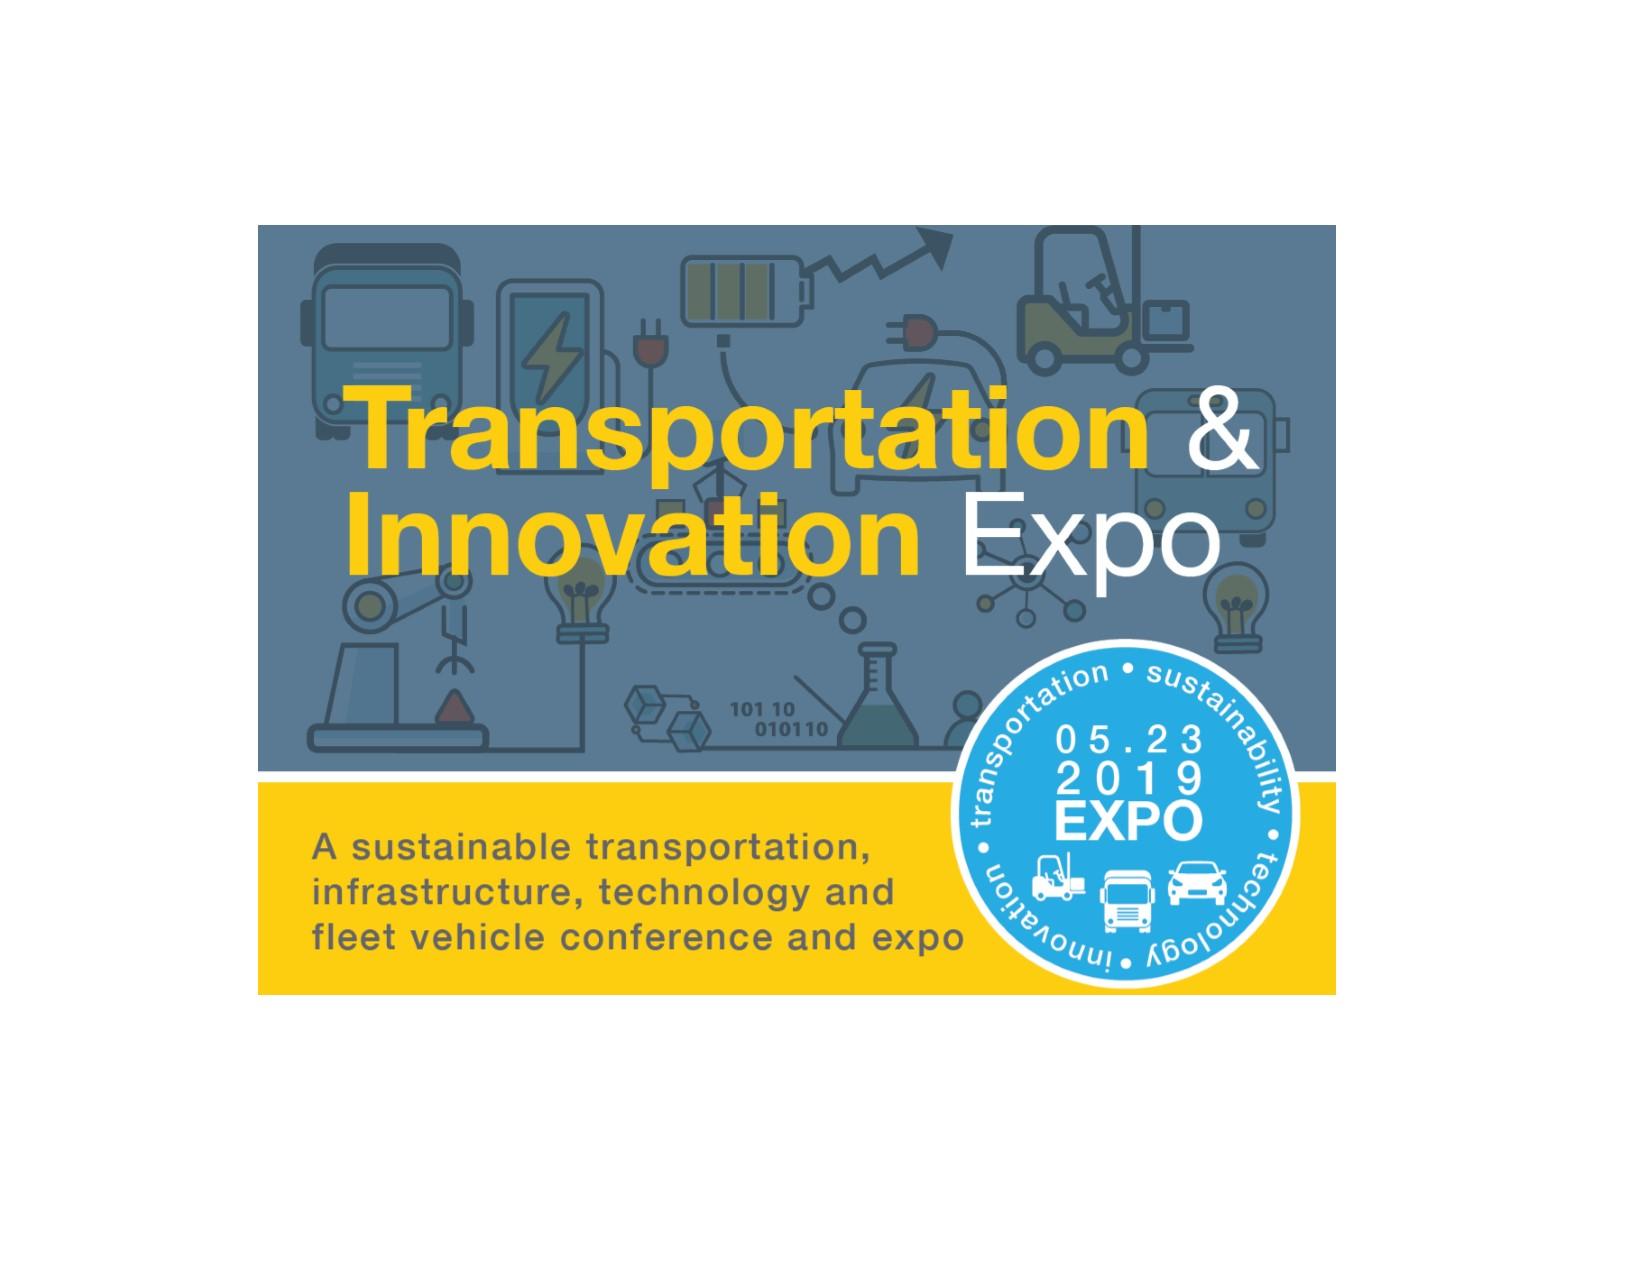 May 23, 2019) Transportation & Innovation Expo 2019 – Wisconsin